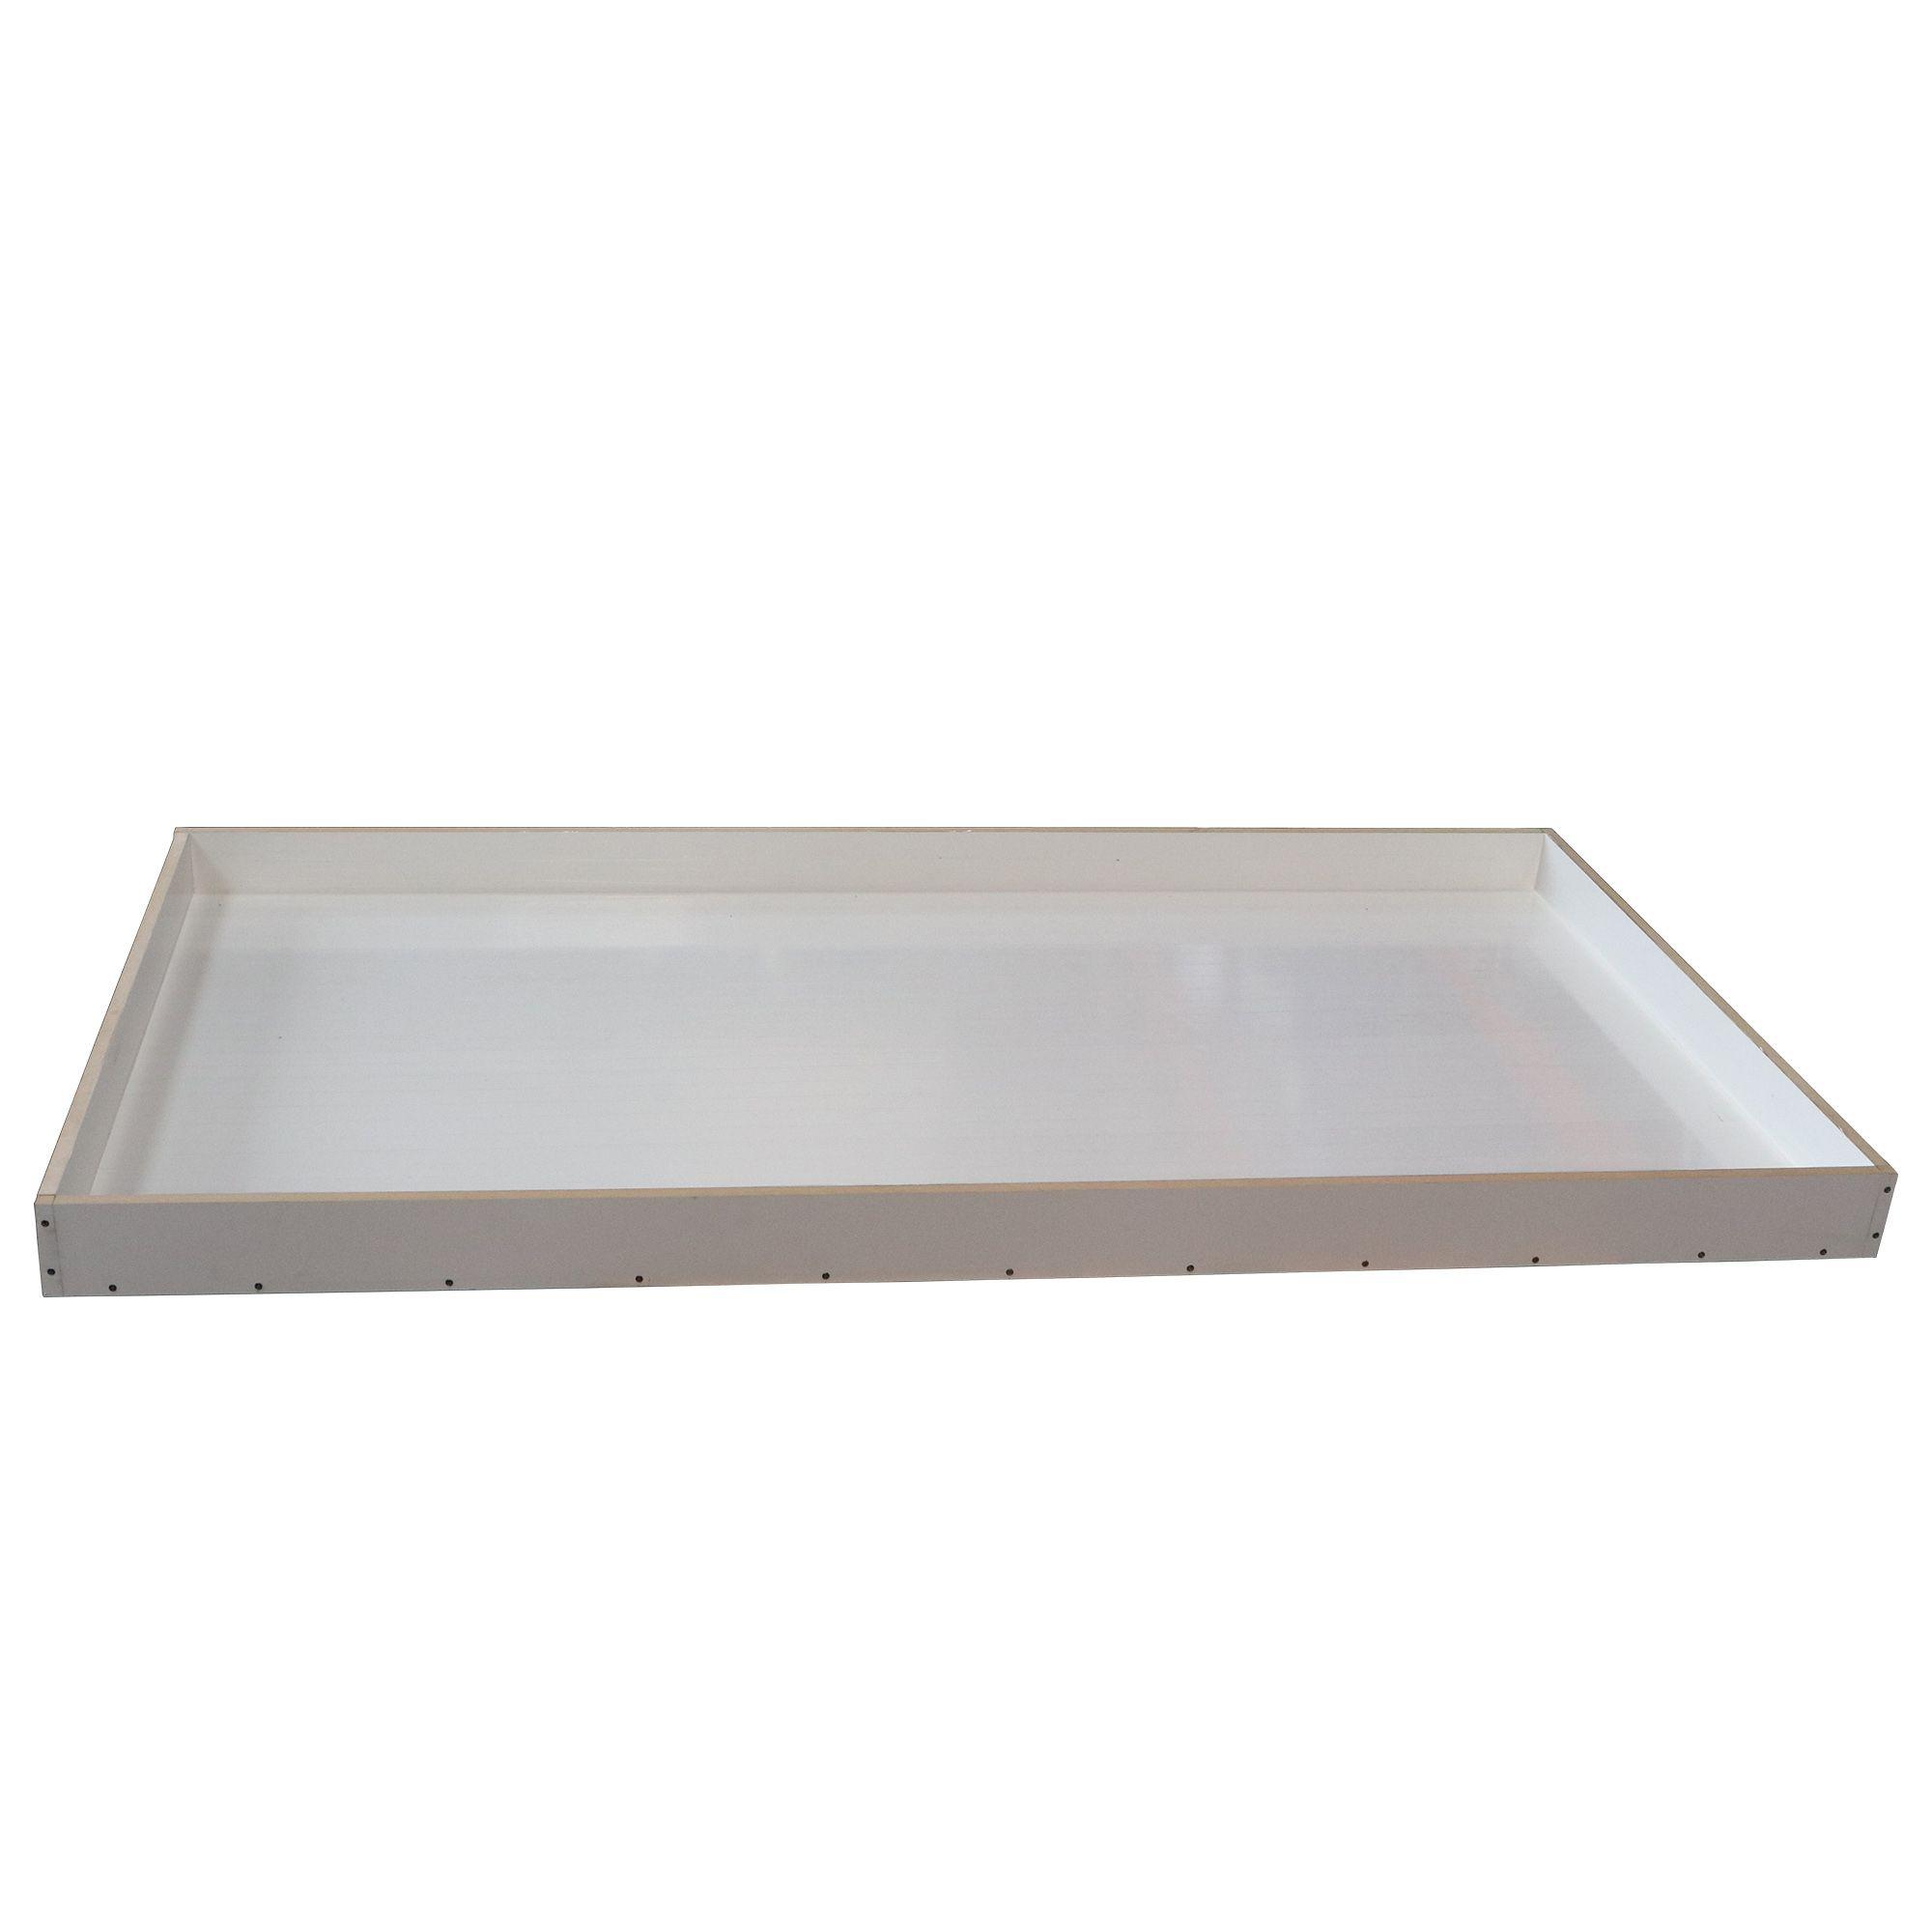 Molde para criação de mesas River Table